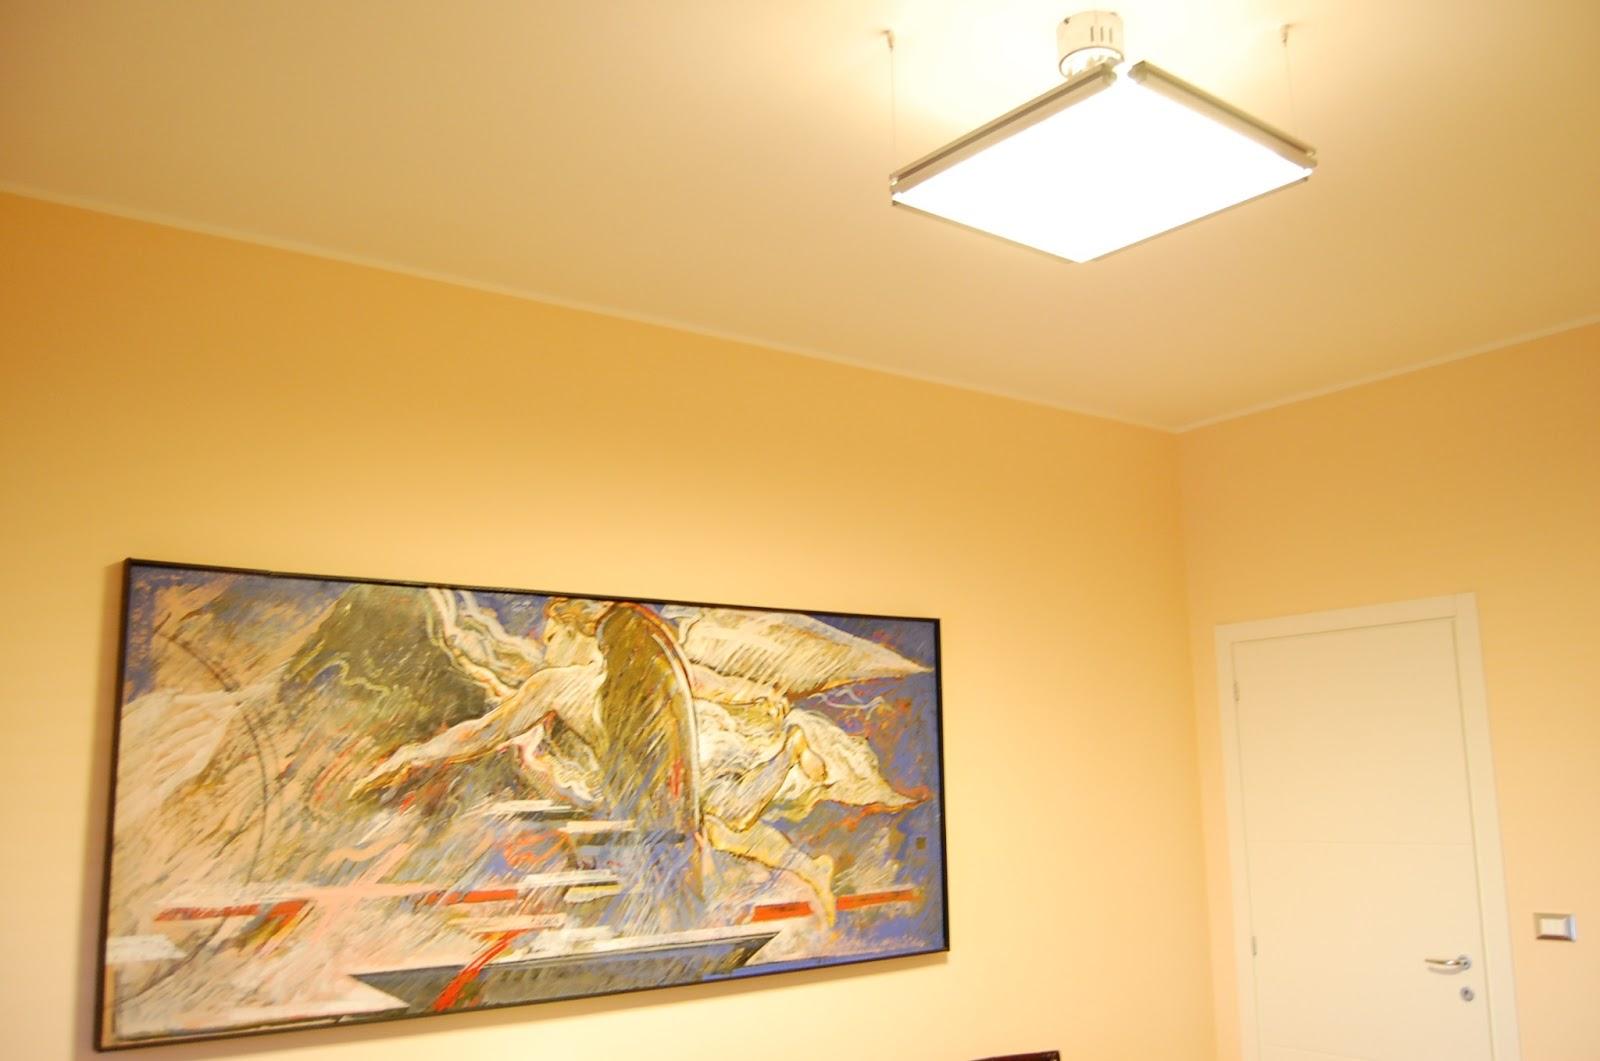 Illuminazione led casa appartamento progetto - Illuminazione led interni casa ...